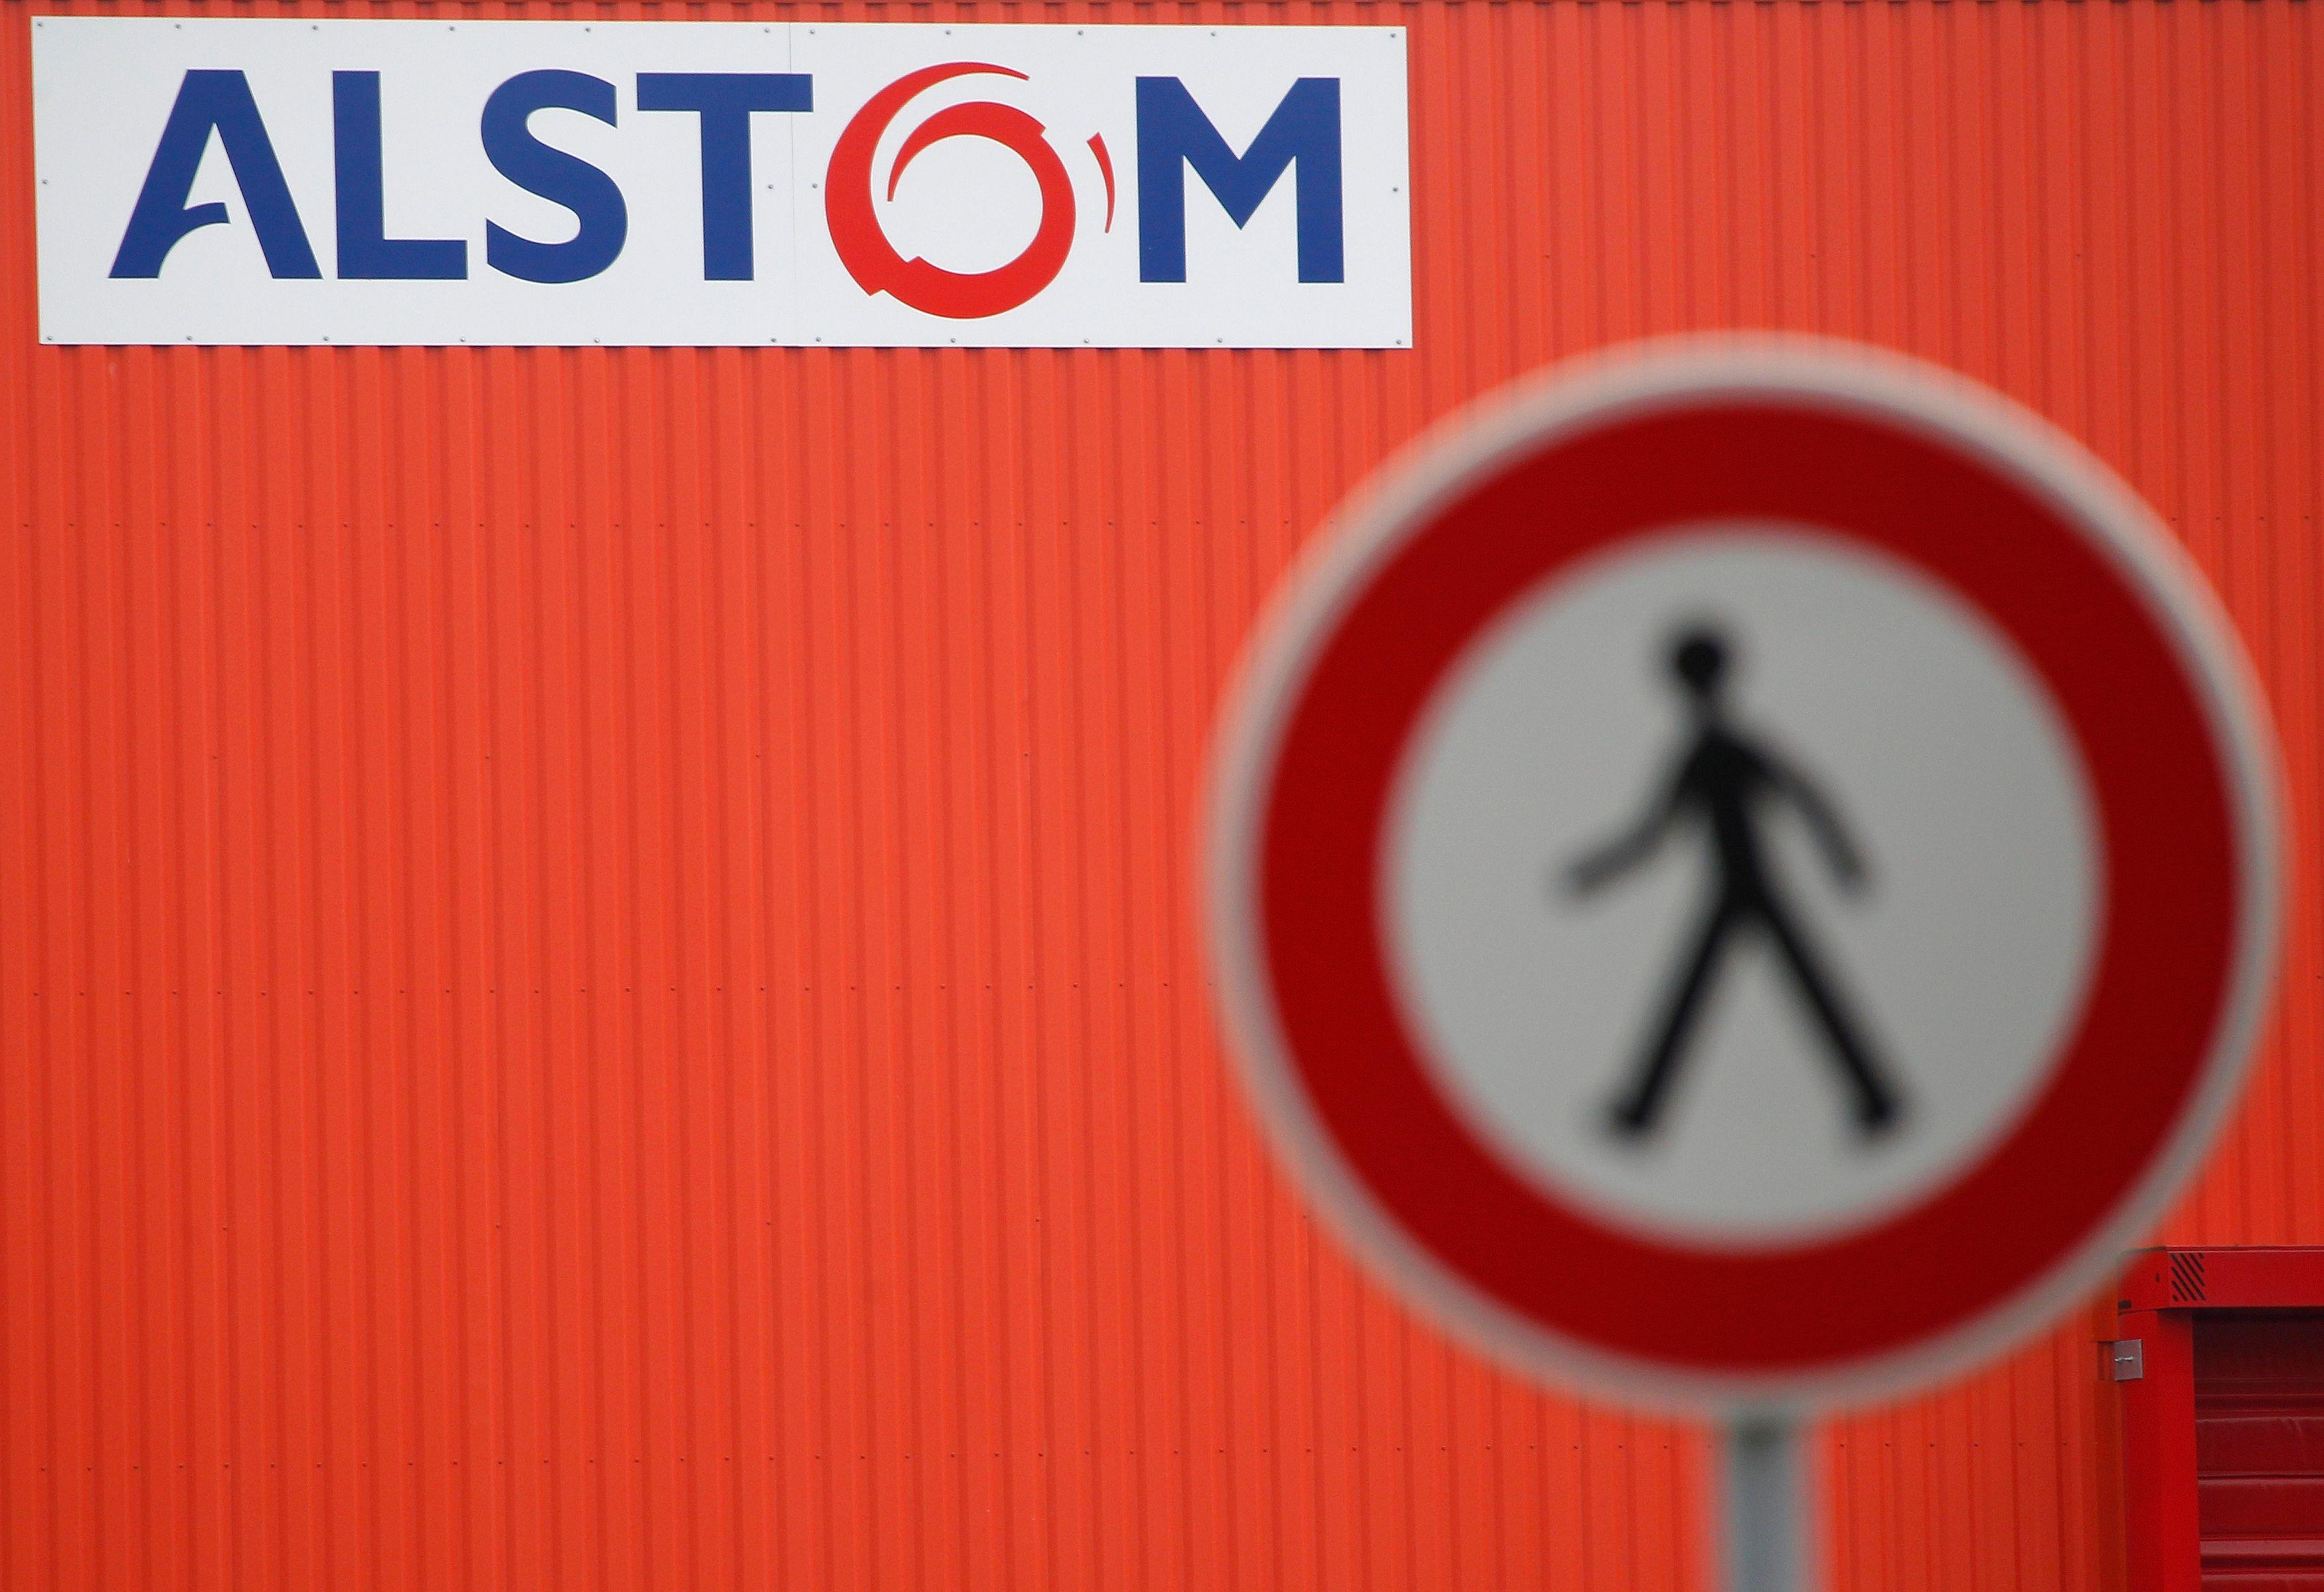 Un accord a finalement été trouvé pour le rachat d'Alstom par General Electric.